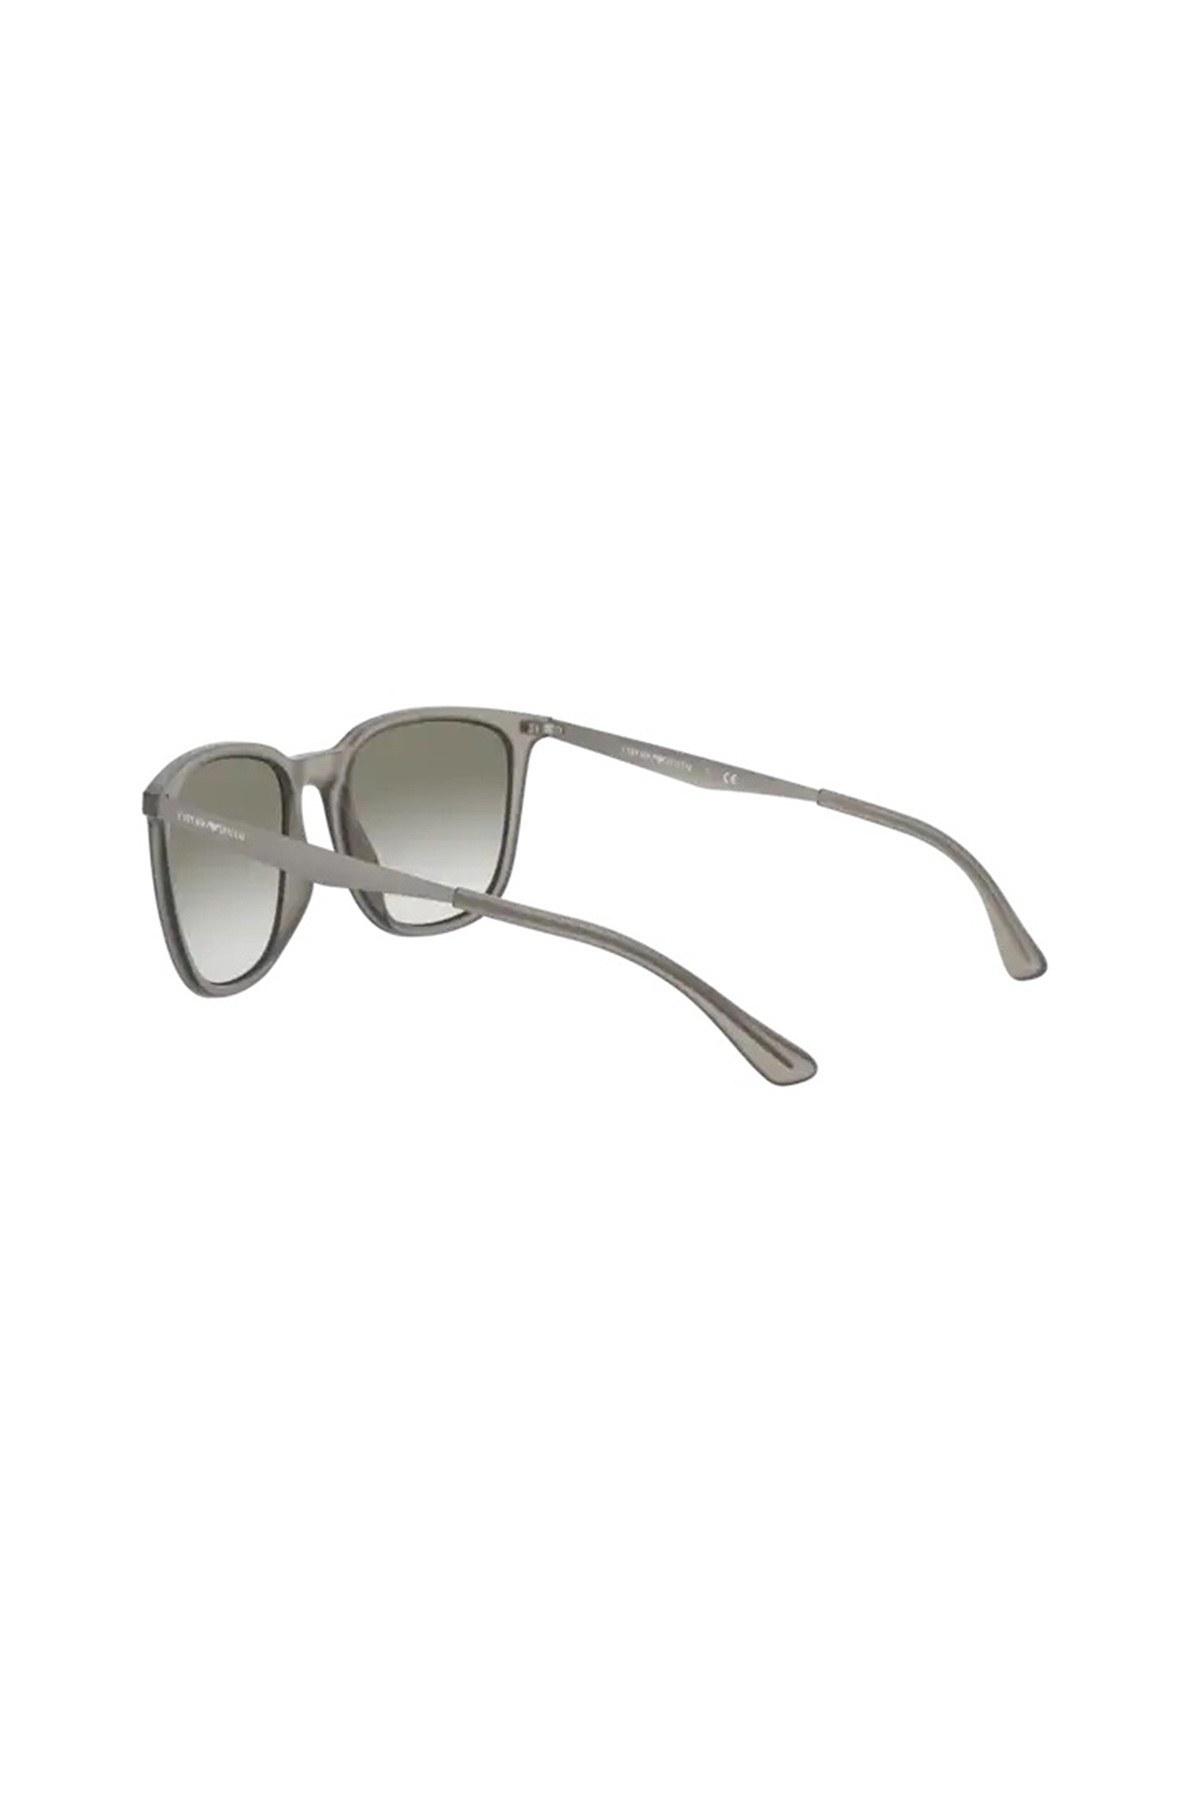 Emporio Armani Erkek Gözlük 0EA4149 584111 55 GRİ